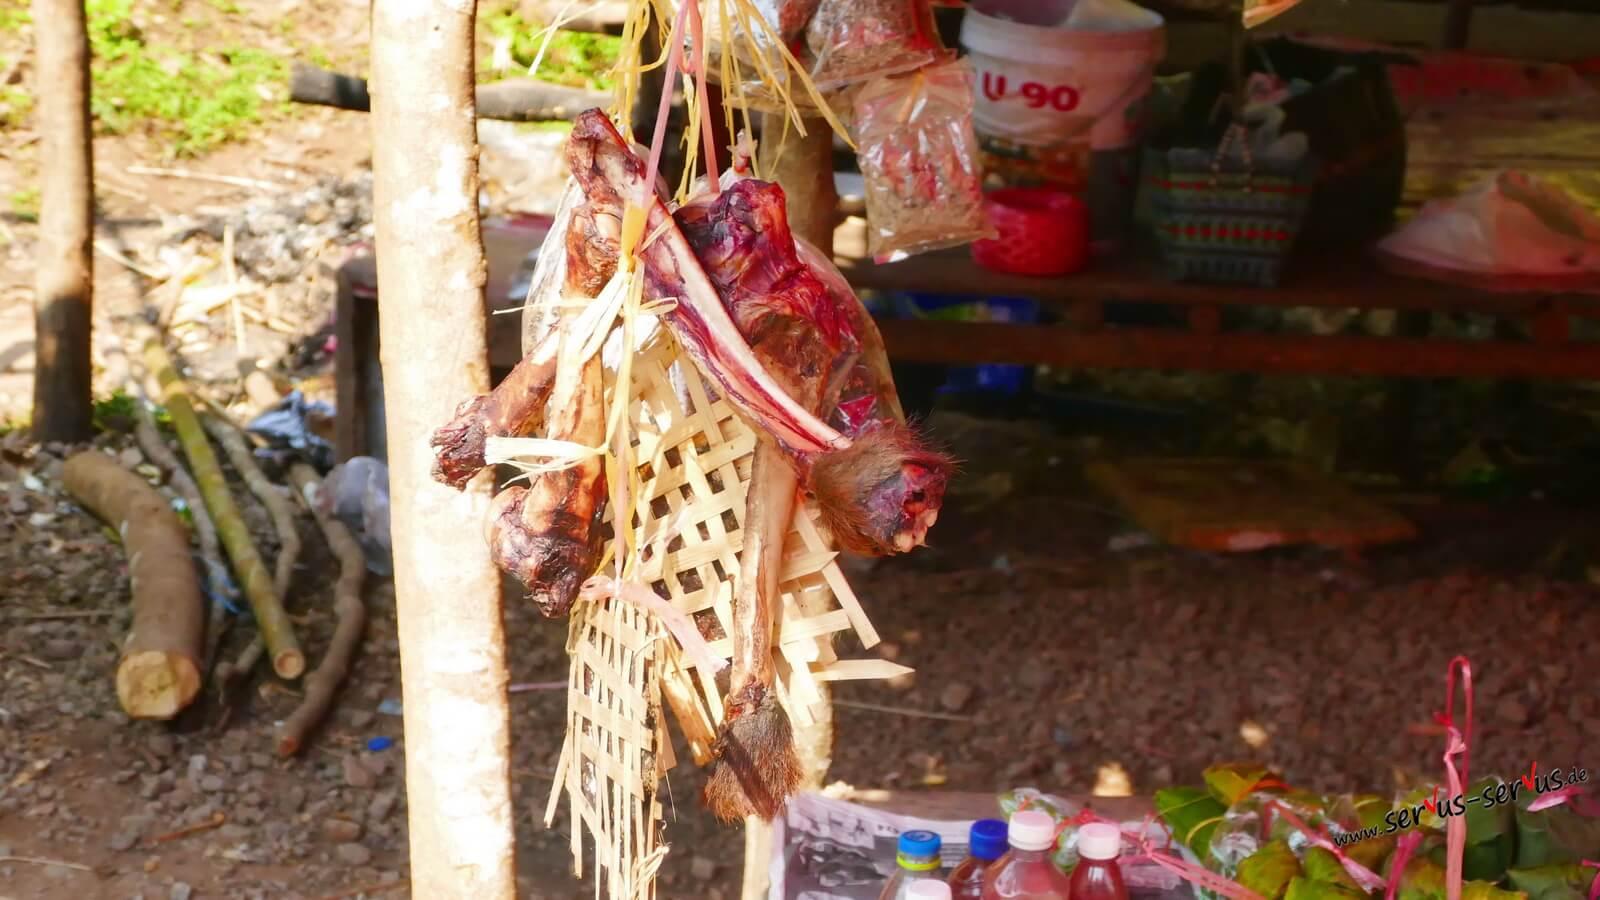 Knochenreste auf dem Markt in Laos